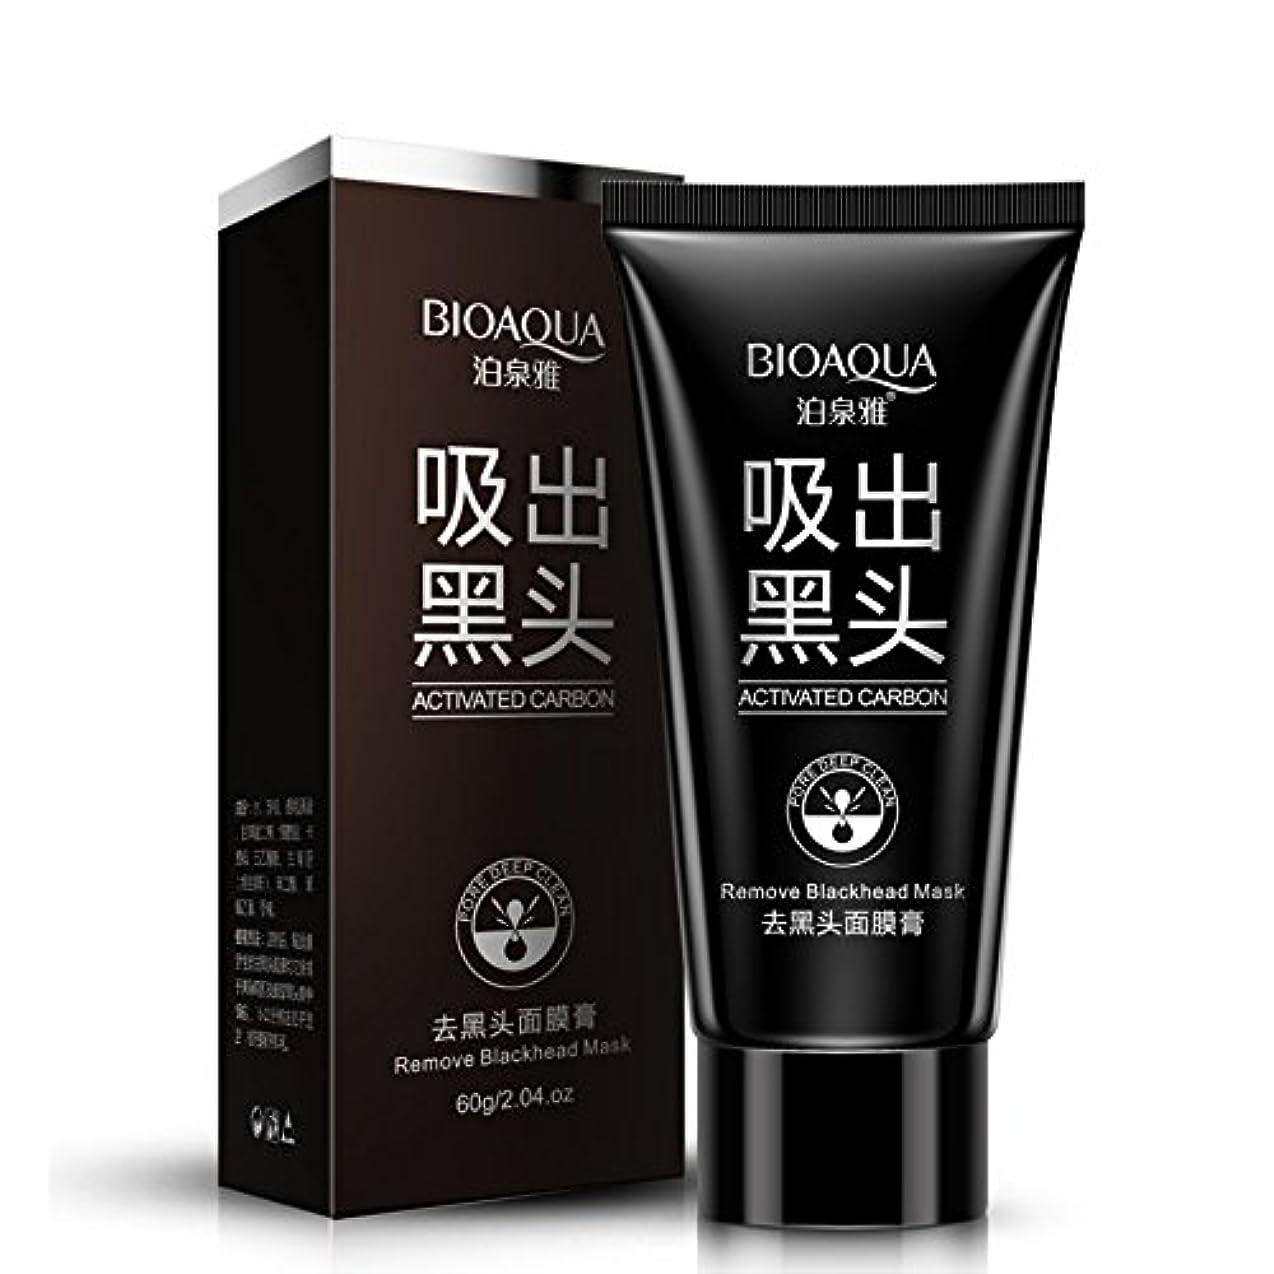 政府ジャニス天のSuction Black Mask Shrink Black Head Spots Pores,Face Mask Blackhead Removal Blackheads Cosmetics Facials Moisturizing...